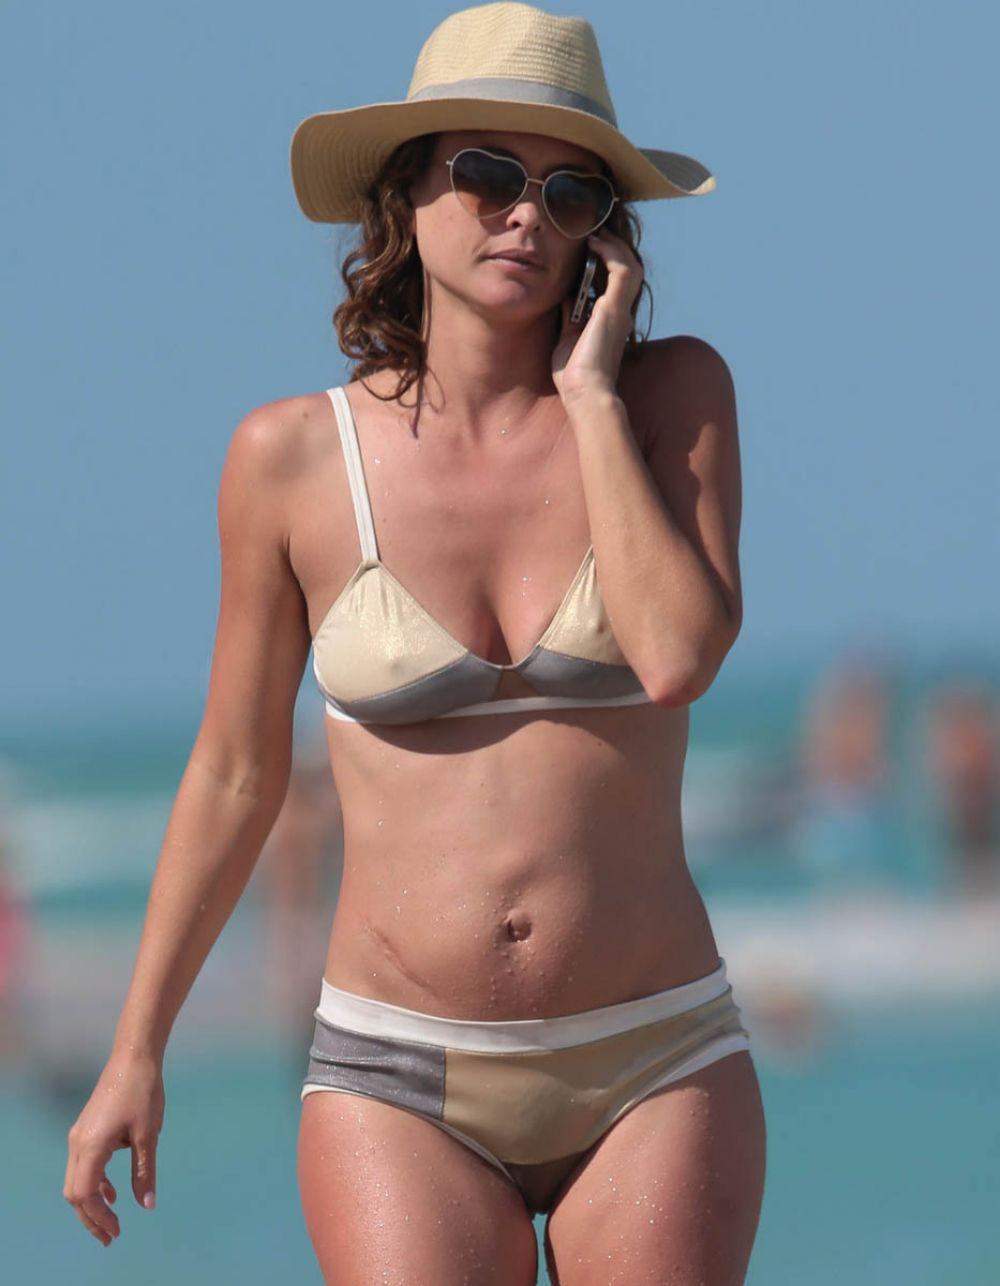 JOSIE MARAN in Bikini on the Beach in Miami